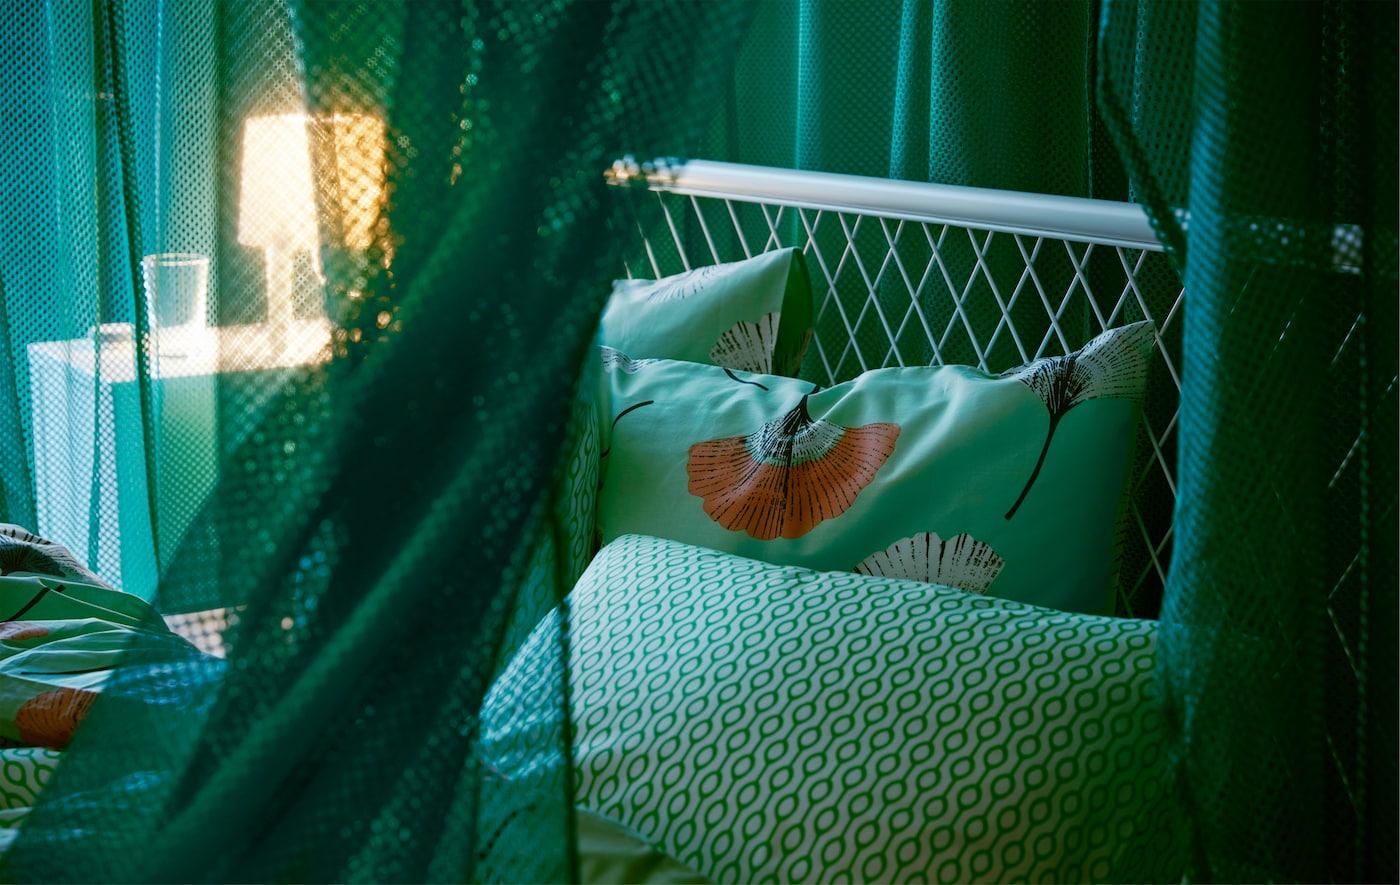 """垂挂着的宜家 GRÅTISTEL 格拉第德 绿色网帘在房间内打造出一个""""国中之国"""",同时还能透过少许光线。"""